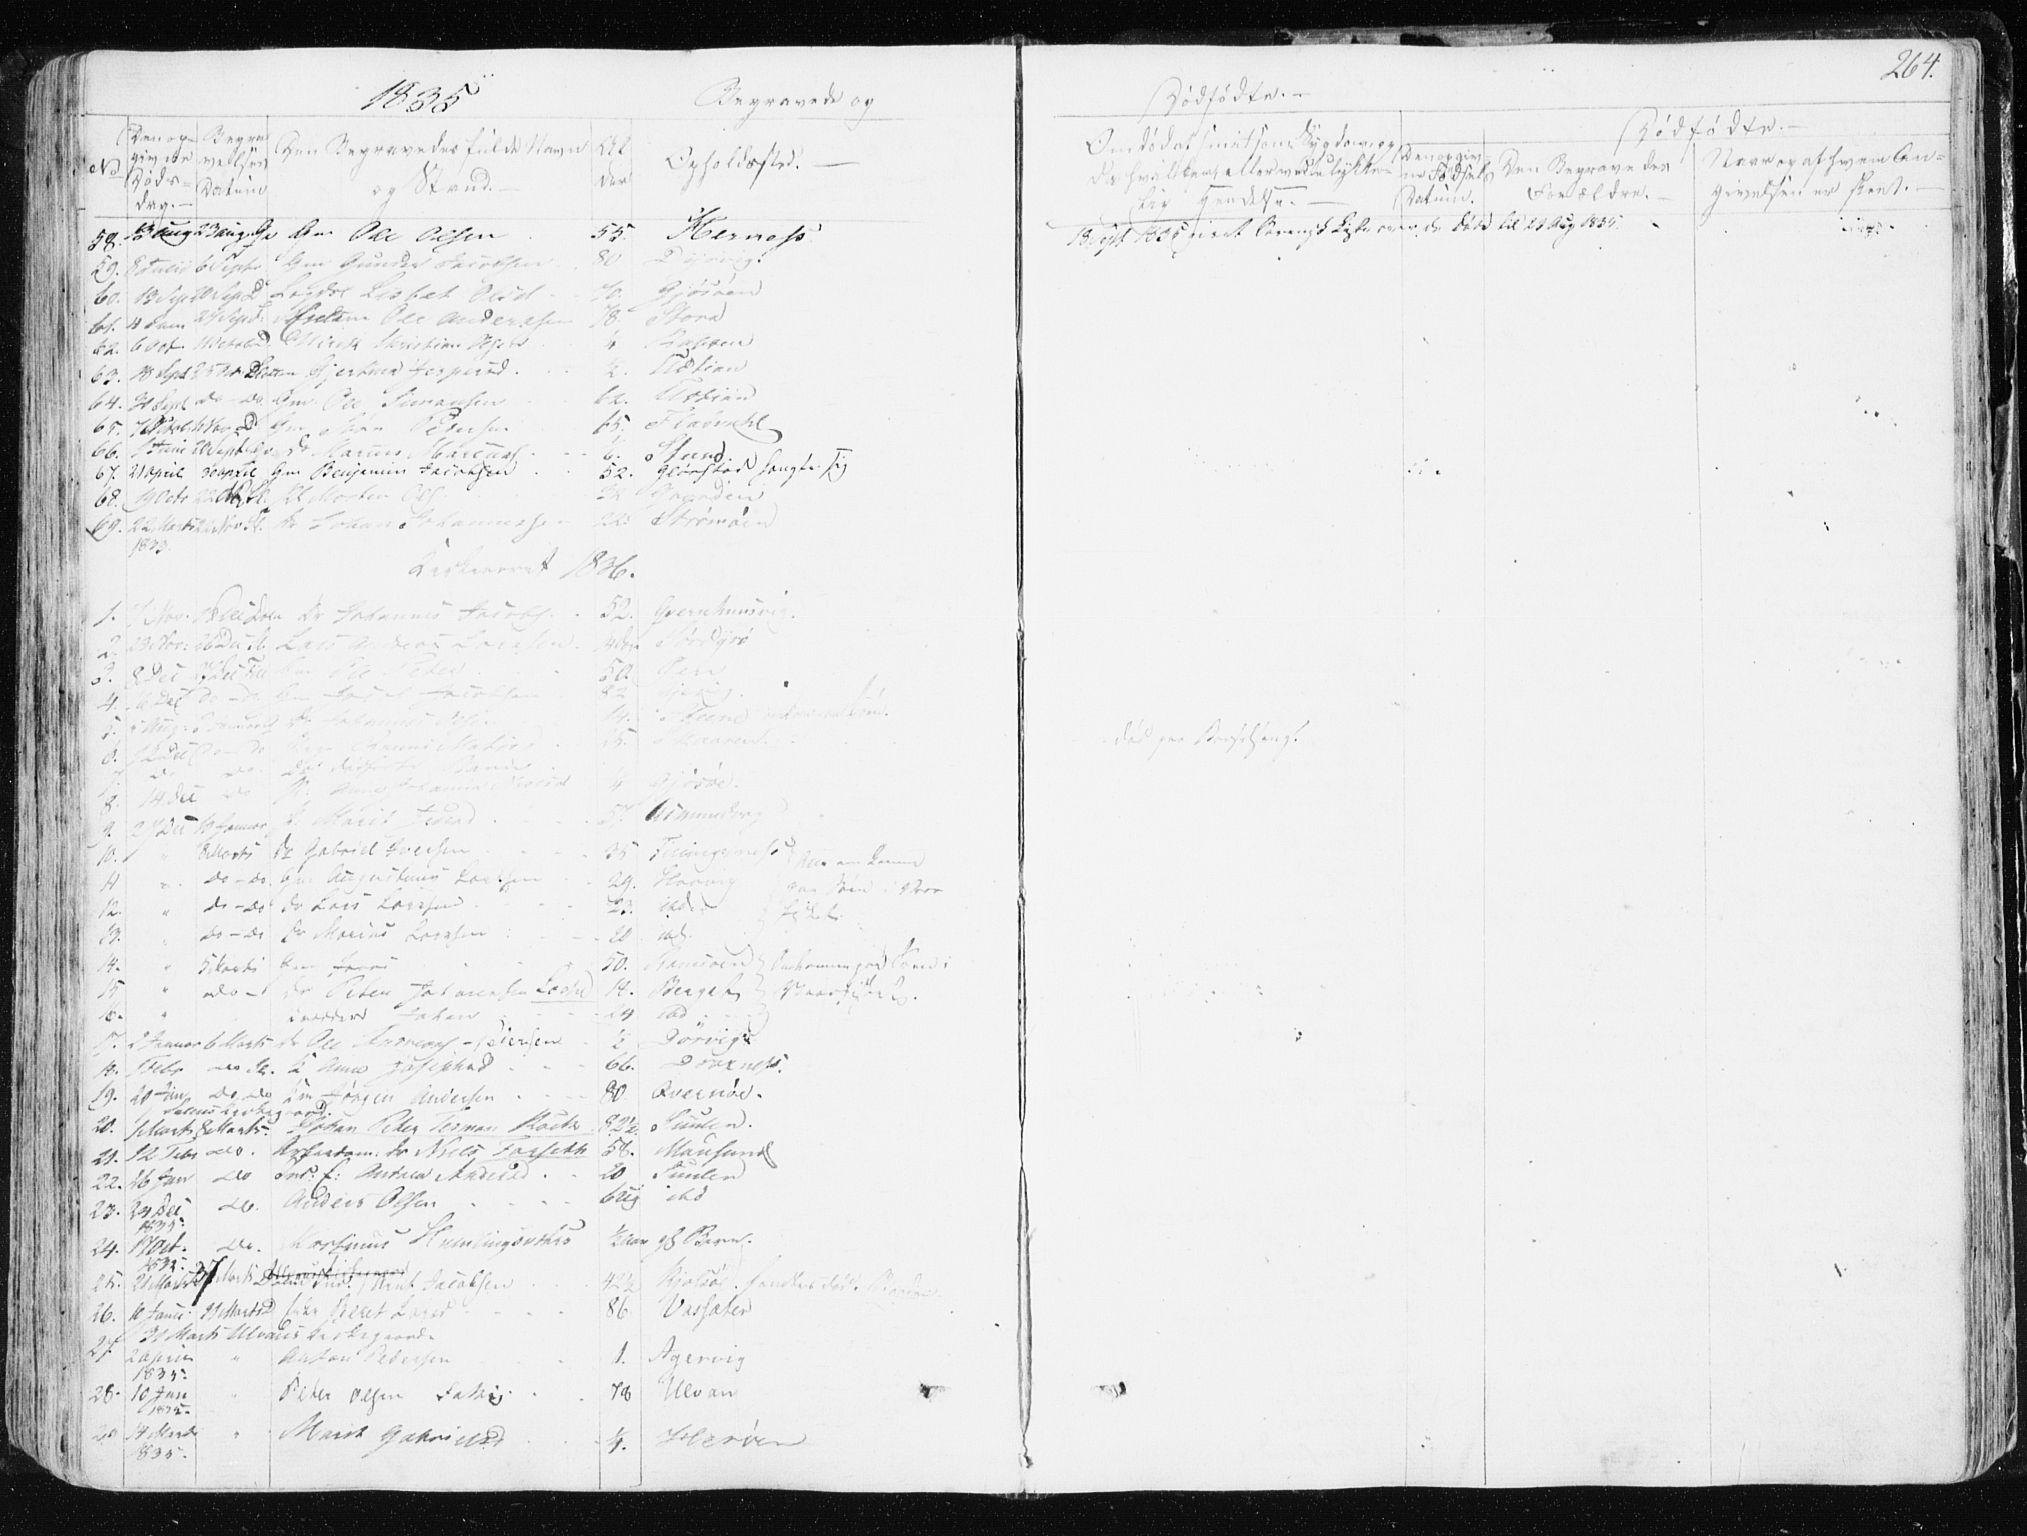 SAT, Ministerialprotokoller, klokkerbøker og fødselsregistre - Sør-Trøndelag, 634/L0528: Ministerialbok nr. 634A04, 1827-1842, s. 264